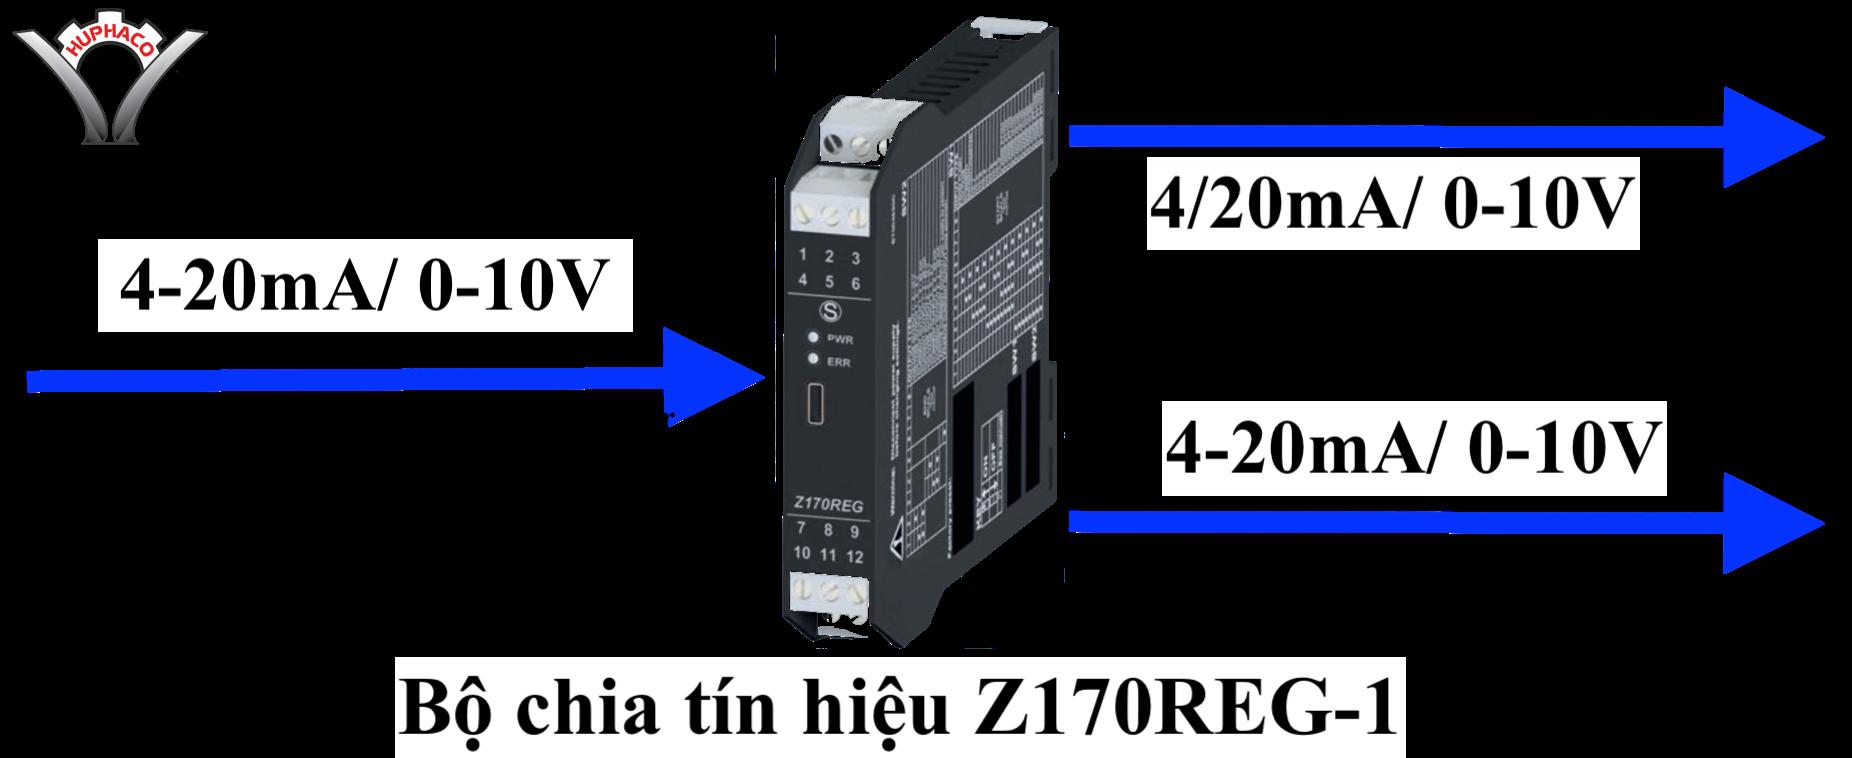 Bộ chia tín hiệu 4-20mA Z170REG-1